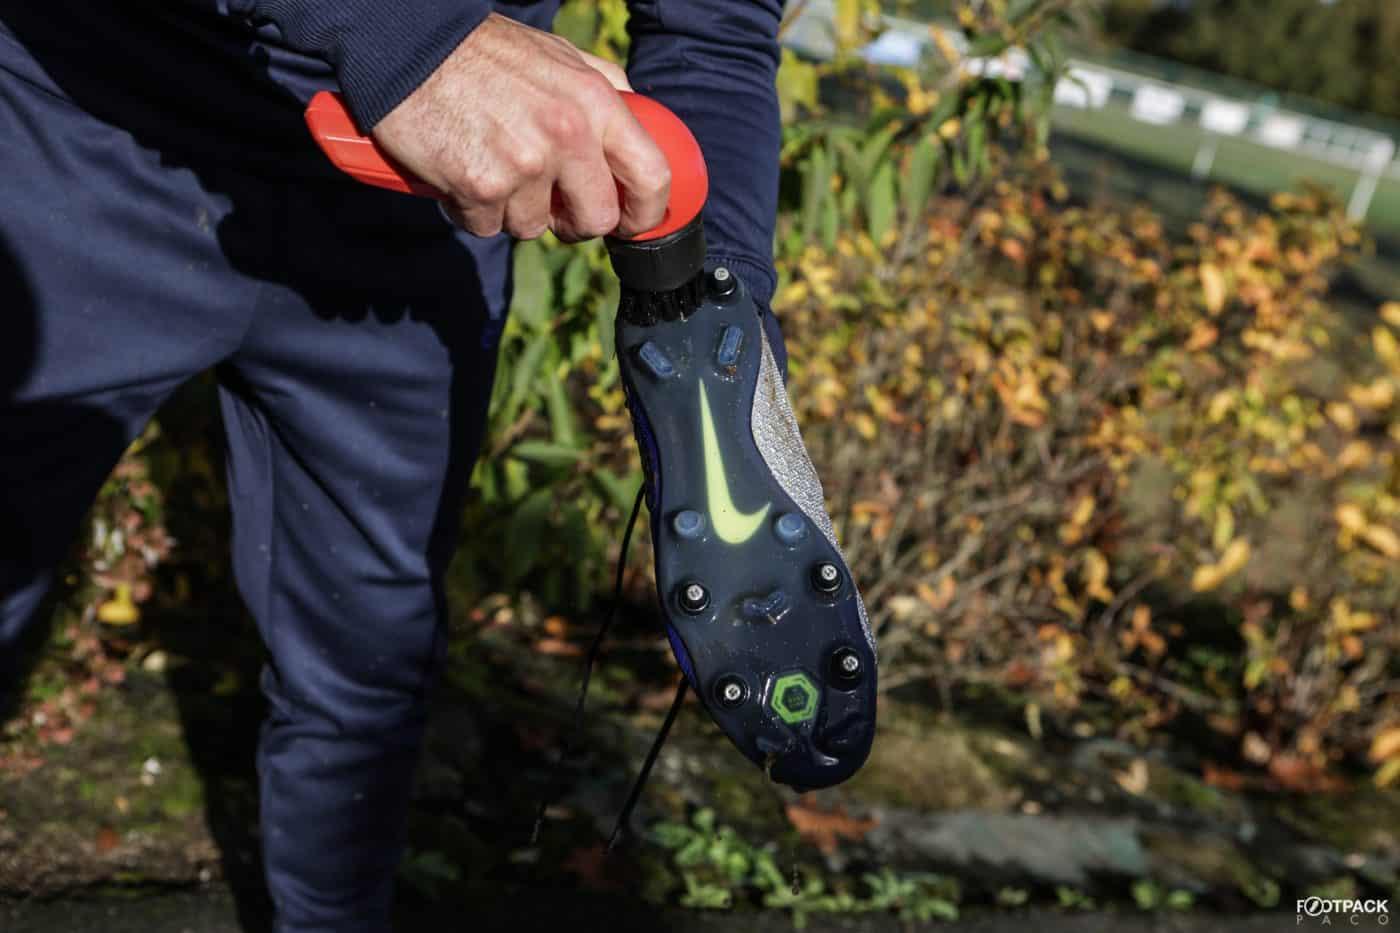 brosse-tiraka-comment-nettoyer-ses-chaussures-de-football-footpack-4